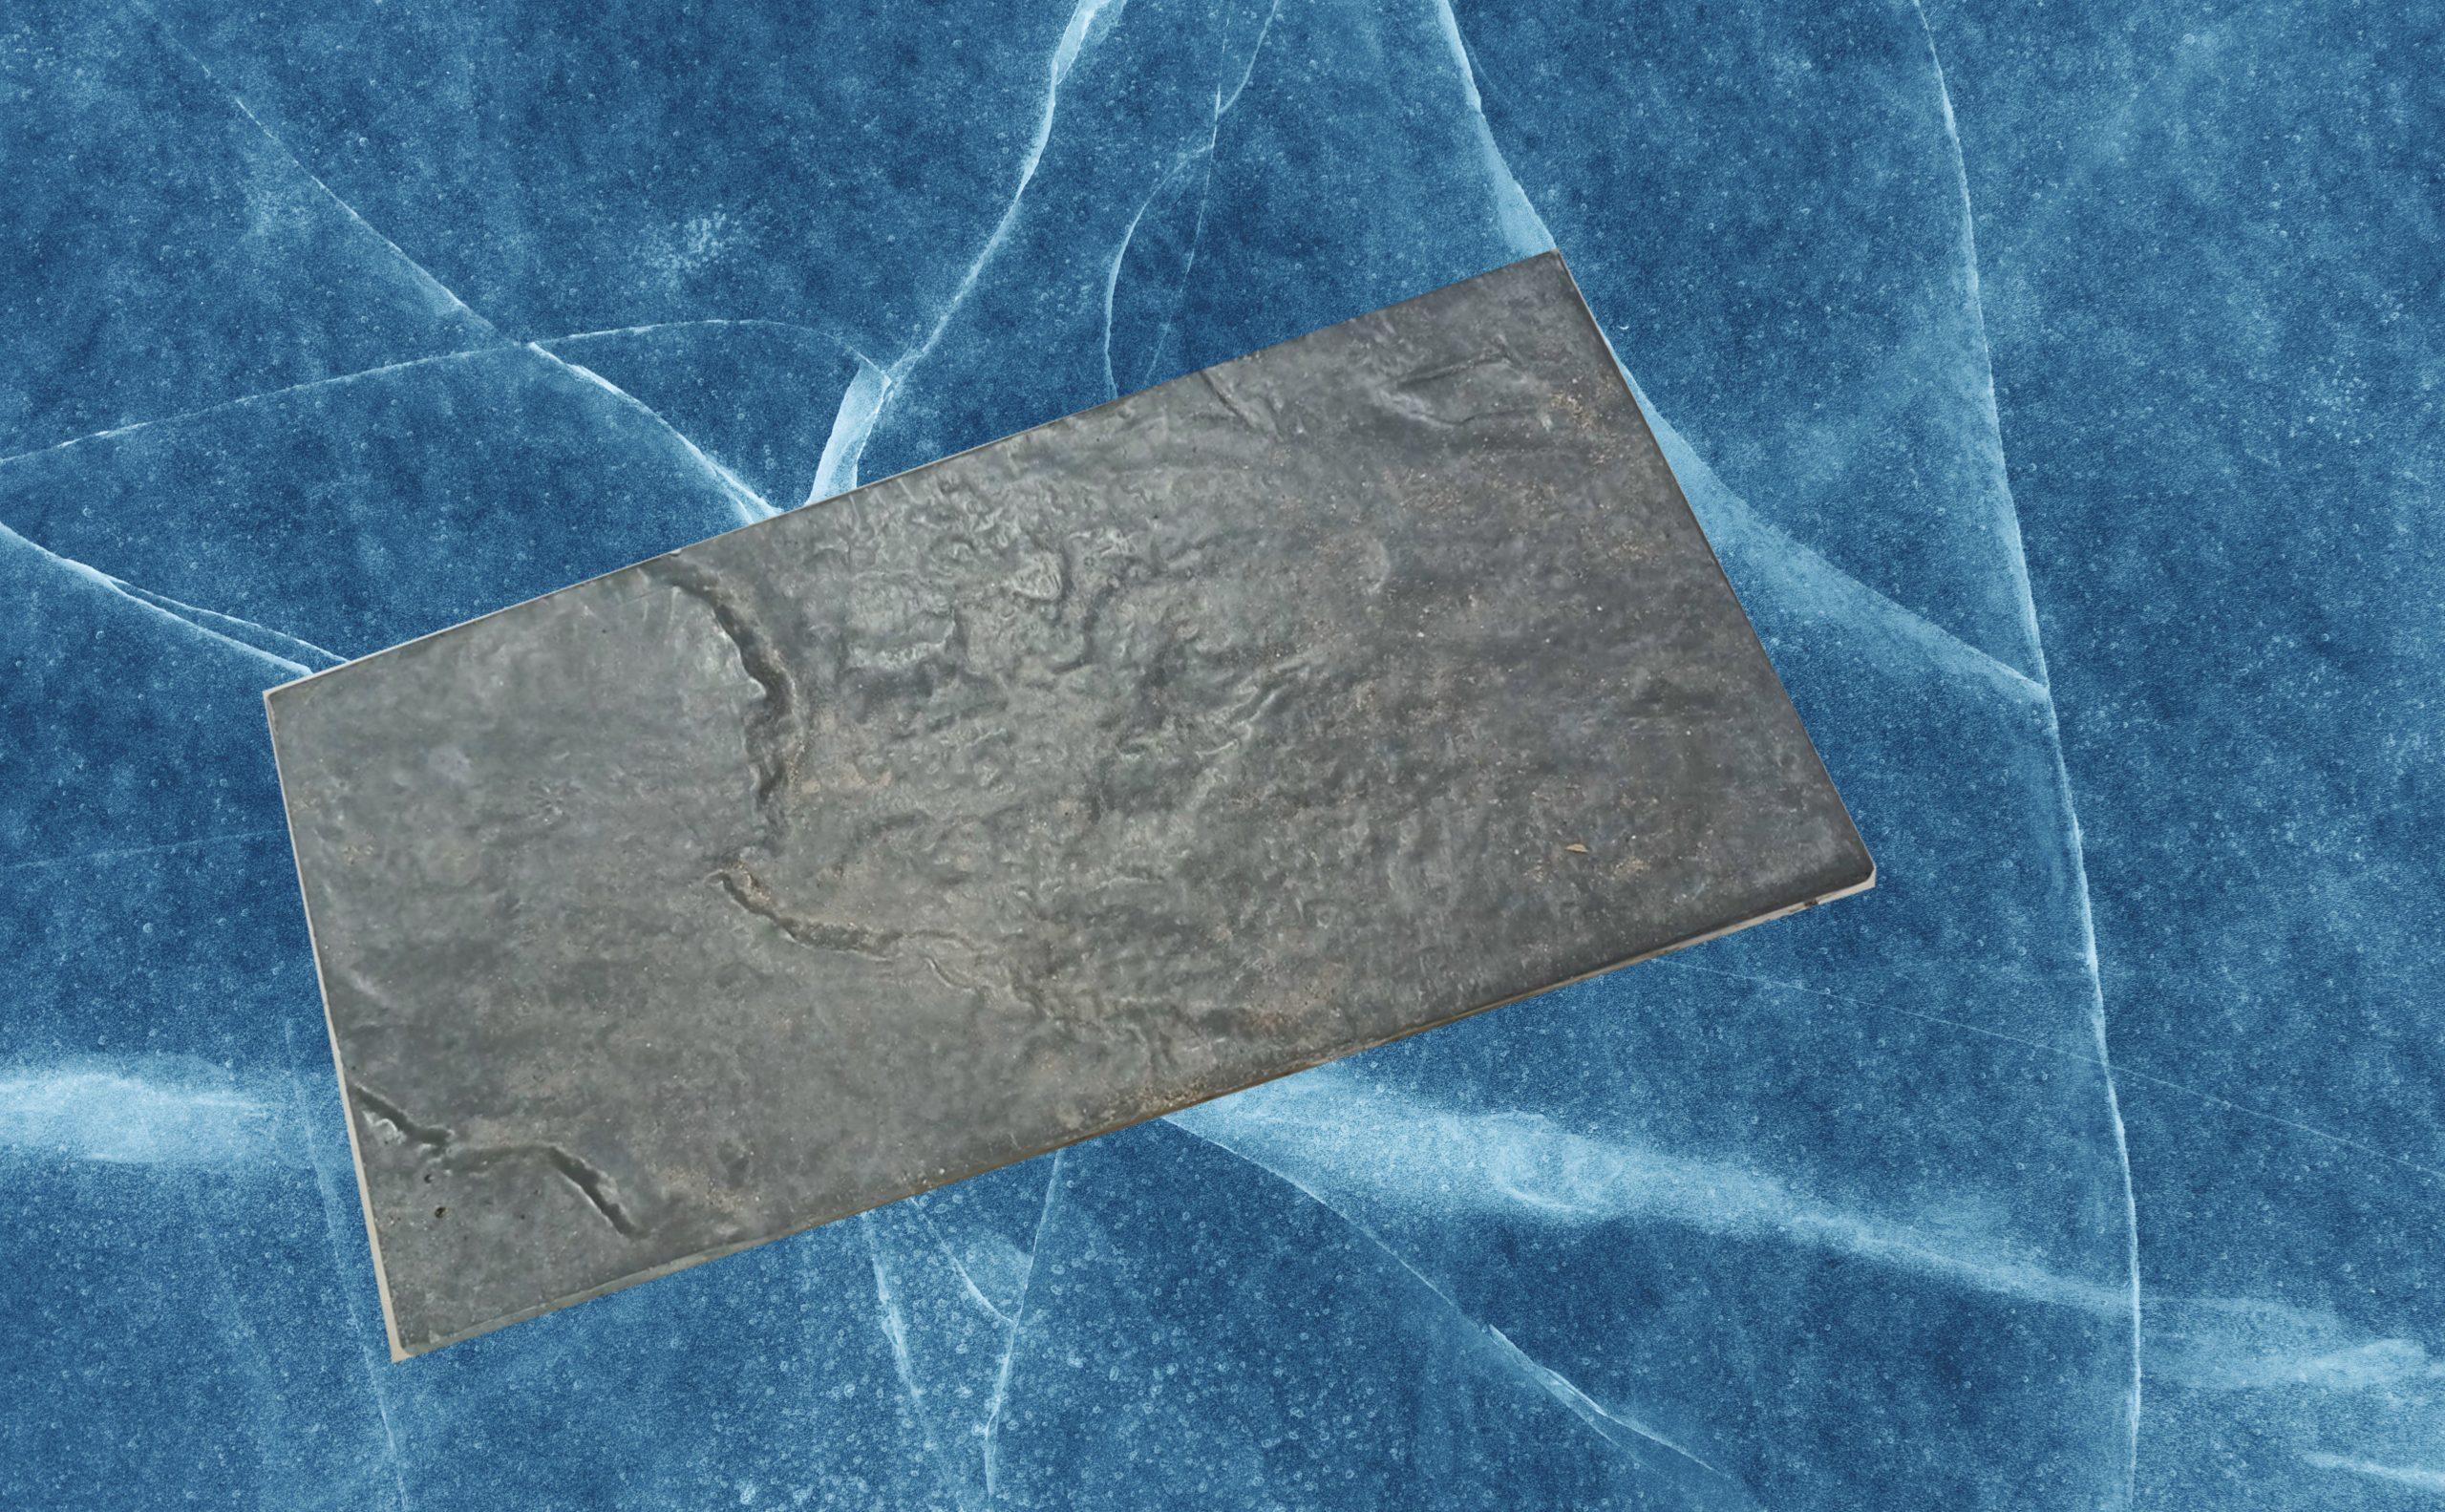 gạch giả đá làm từ khuôn nhựa Hương Sơn